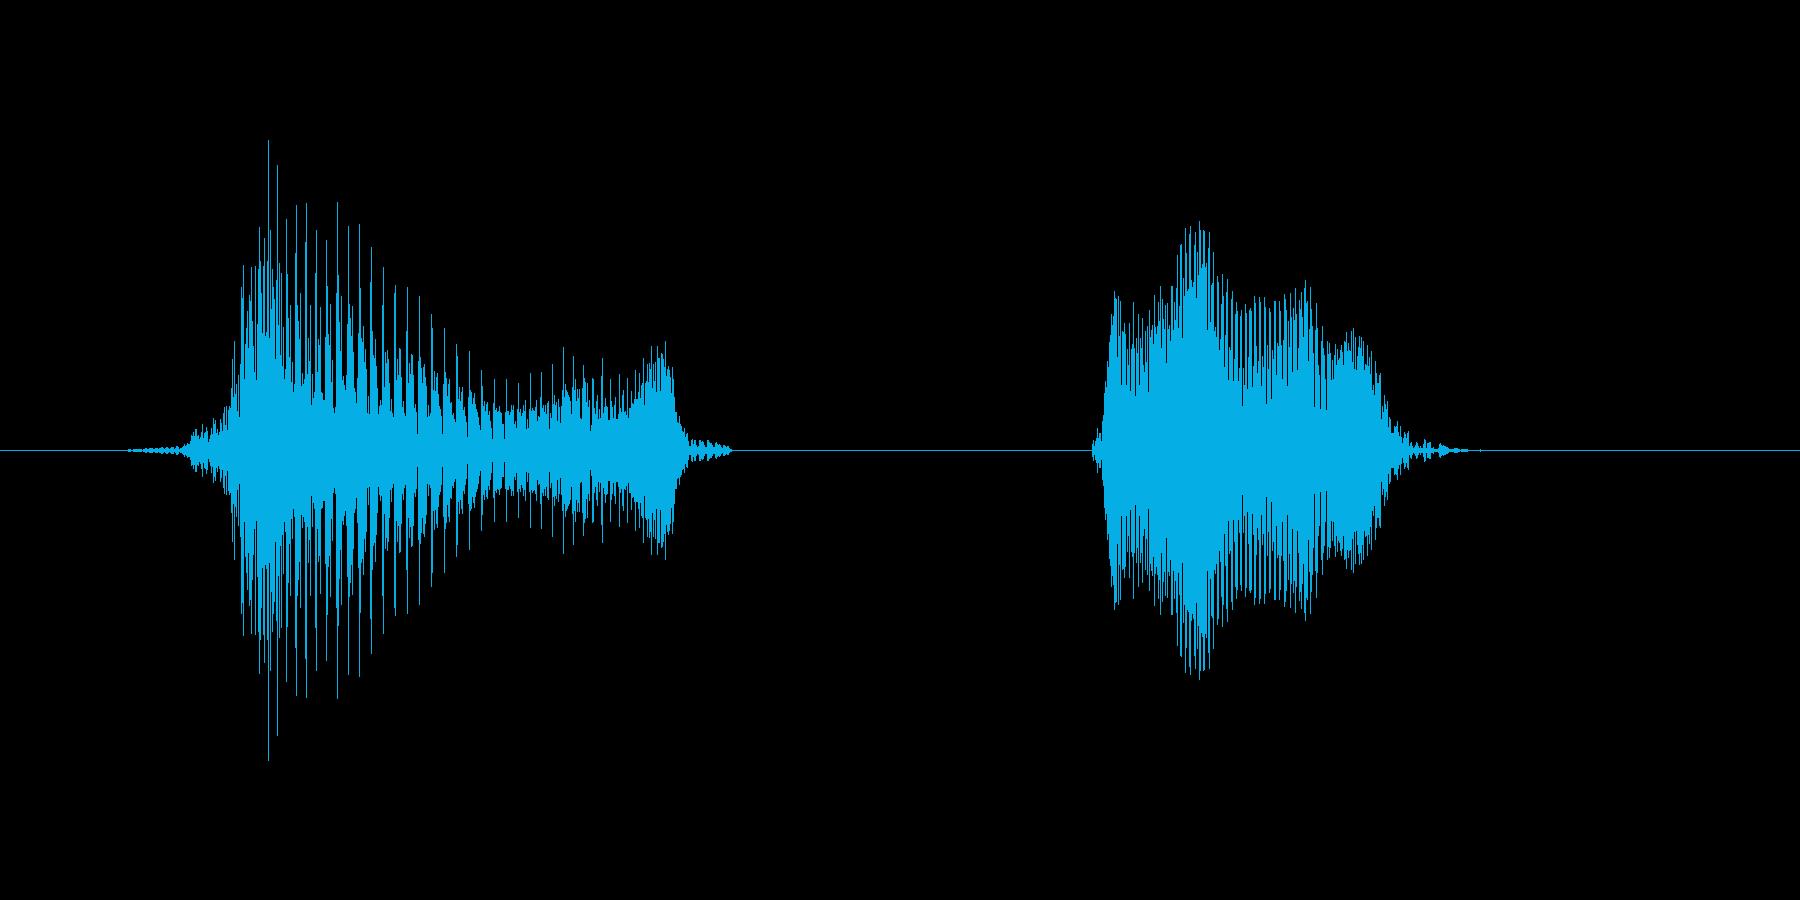 ゲット!の再生済みの波形